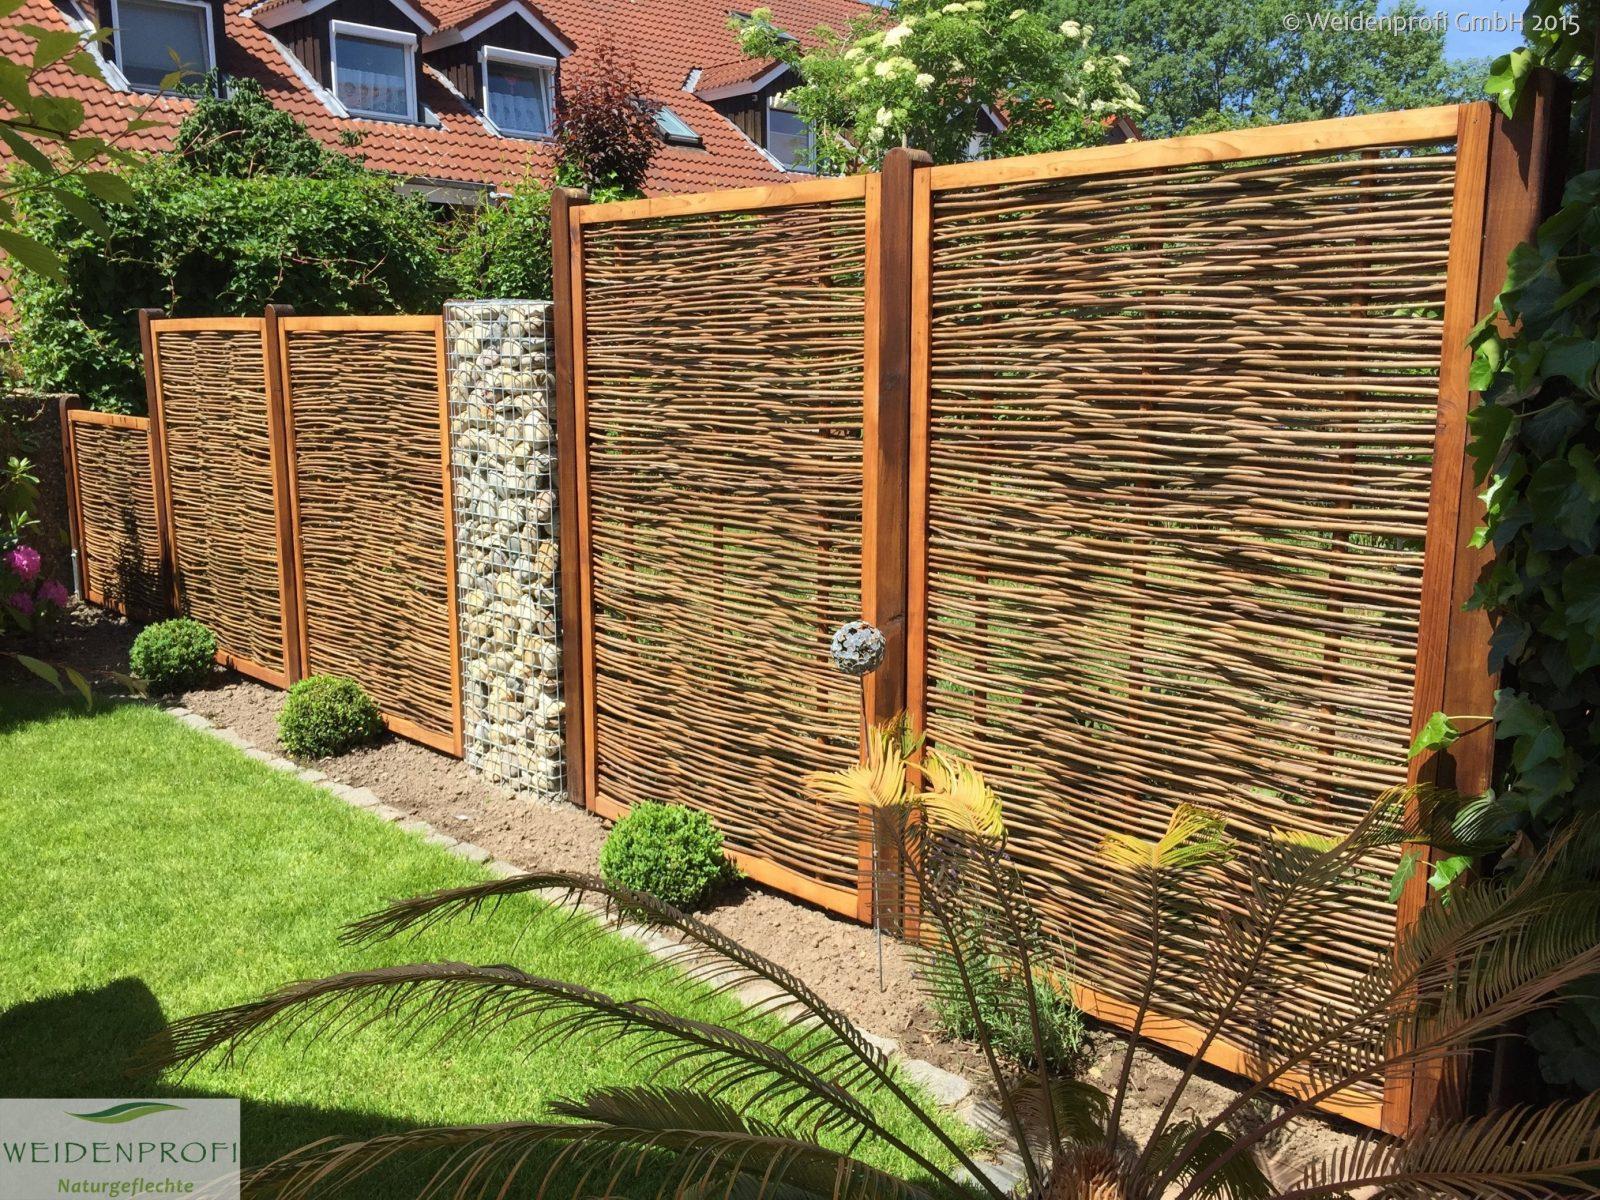 Gartenabtrennung Zum Nachbarn Gartenabtrennung Zum Ist Einzigartig von Sichtschutz Zum Nachbarn Ideen Photo